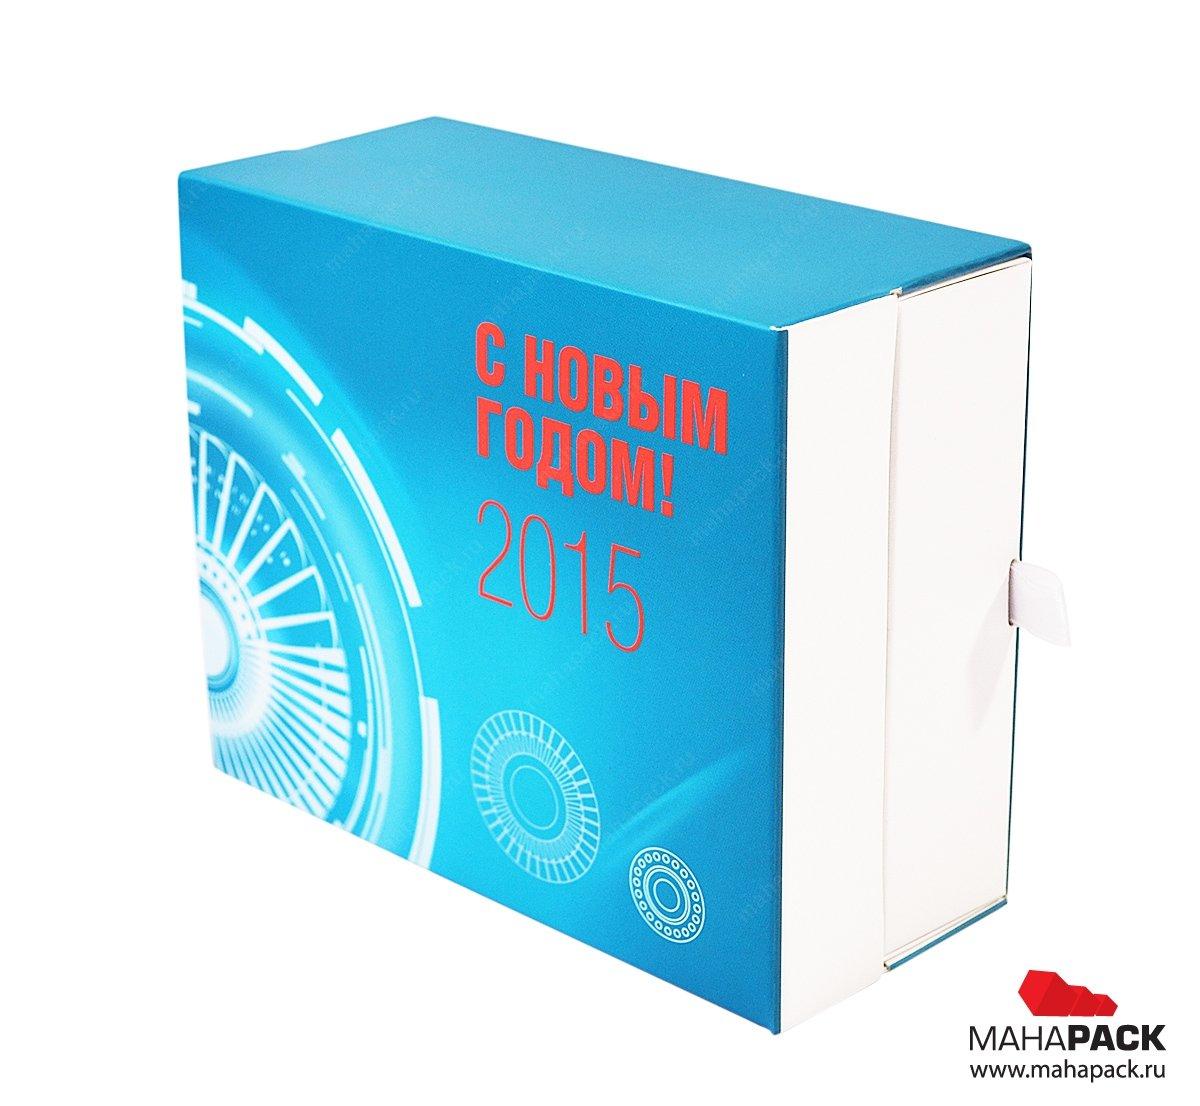 Стильная упаковка для подарков с полноцветной печатью